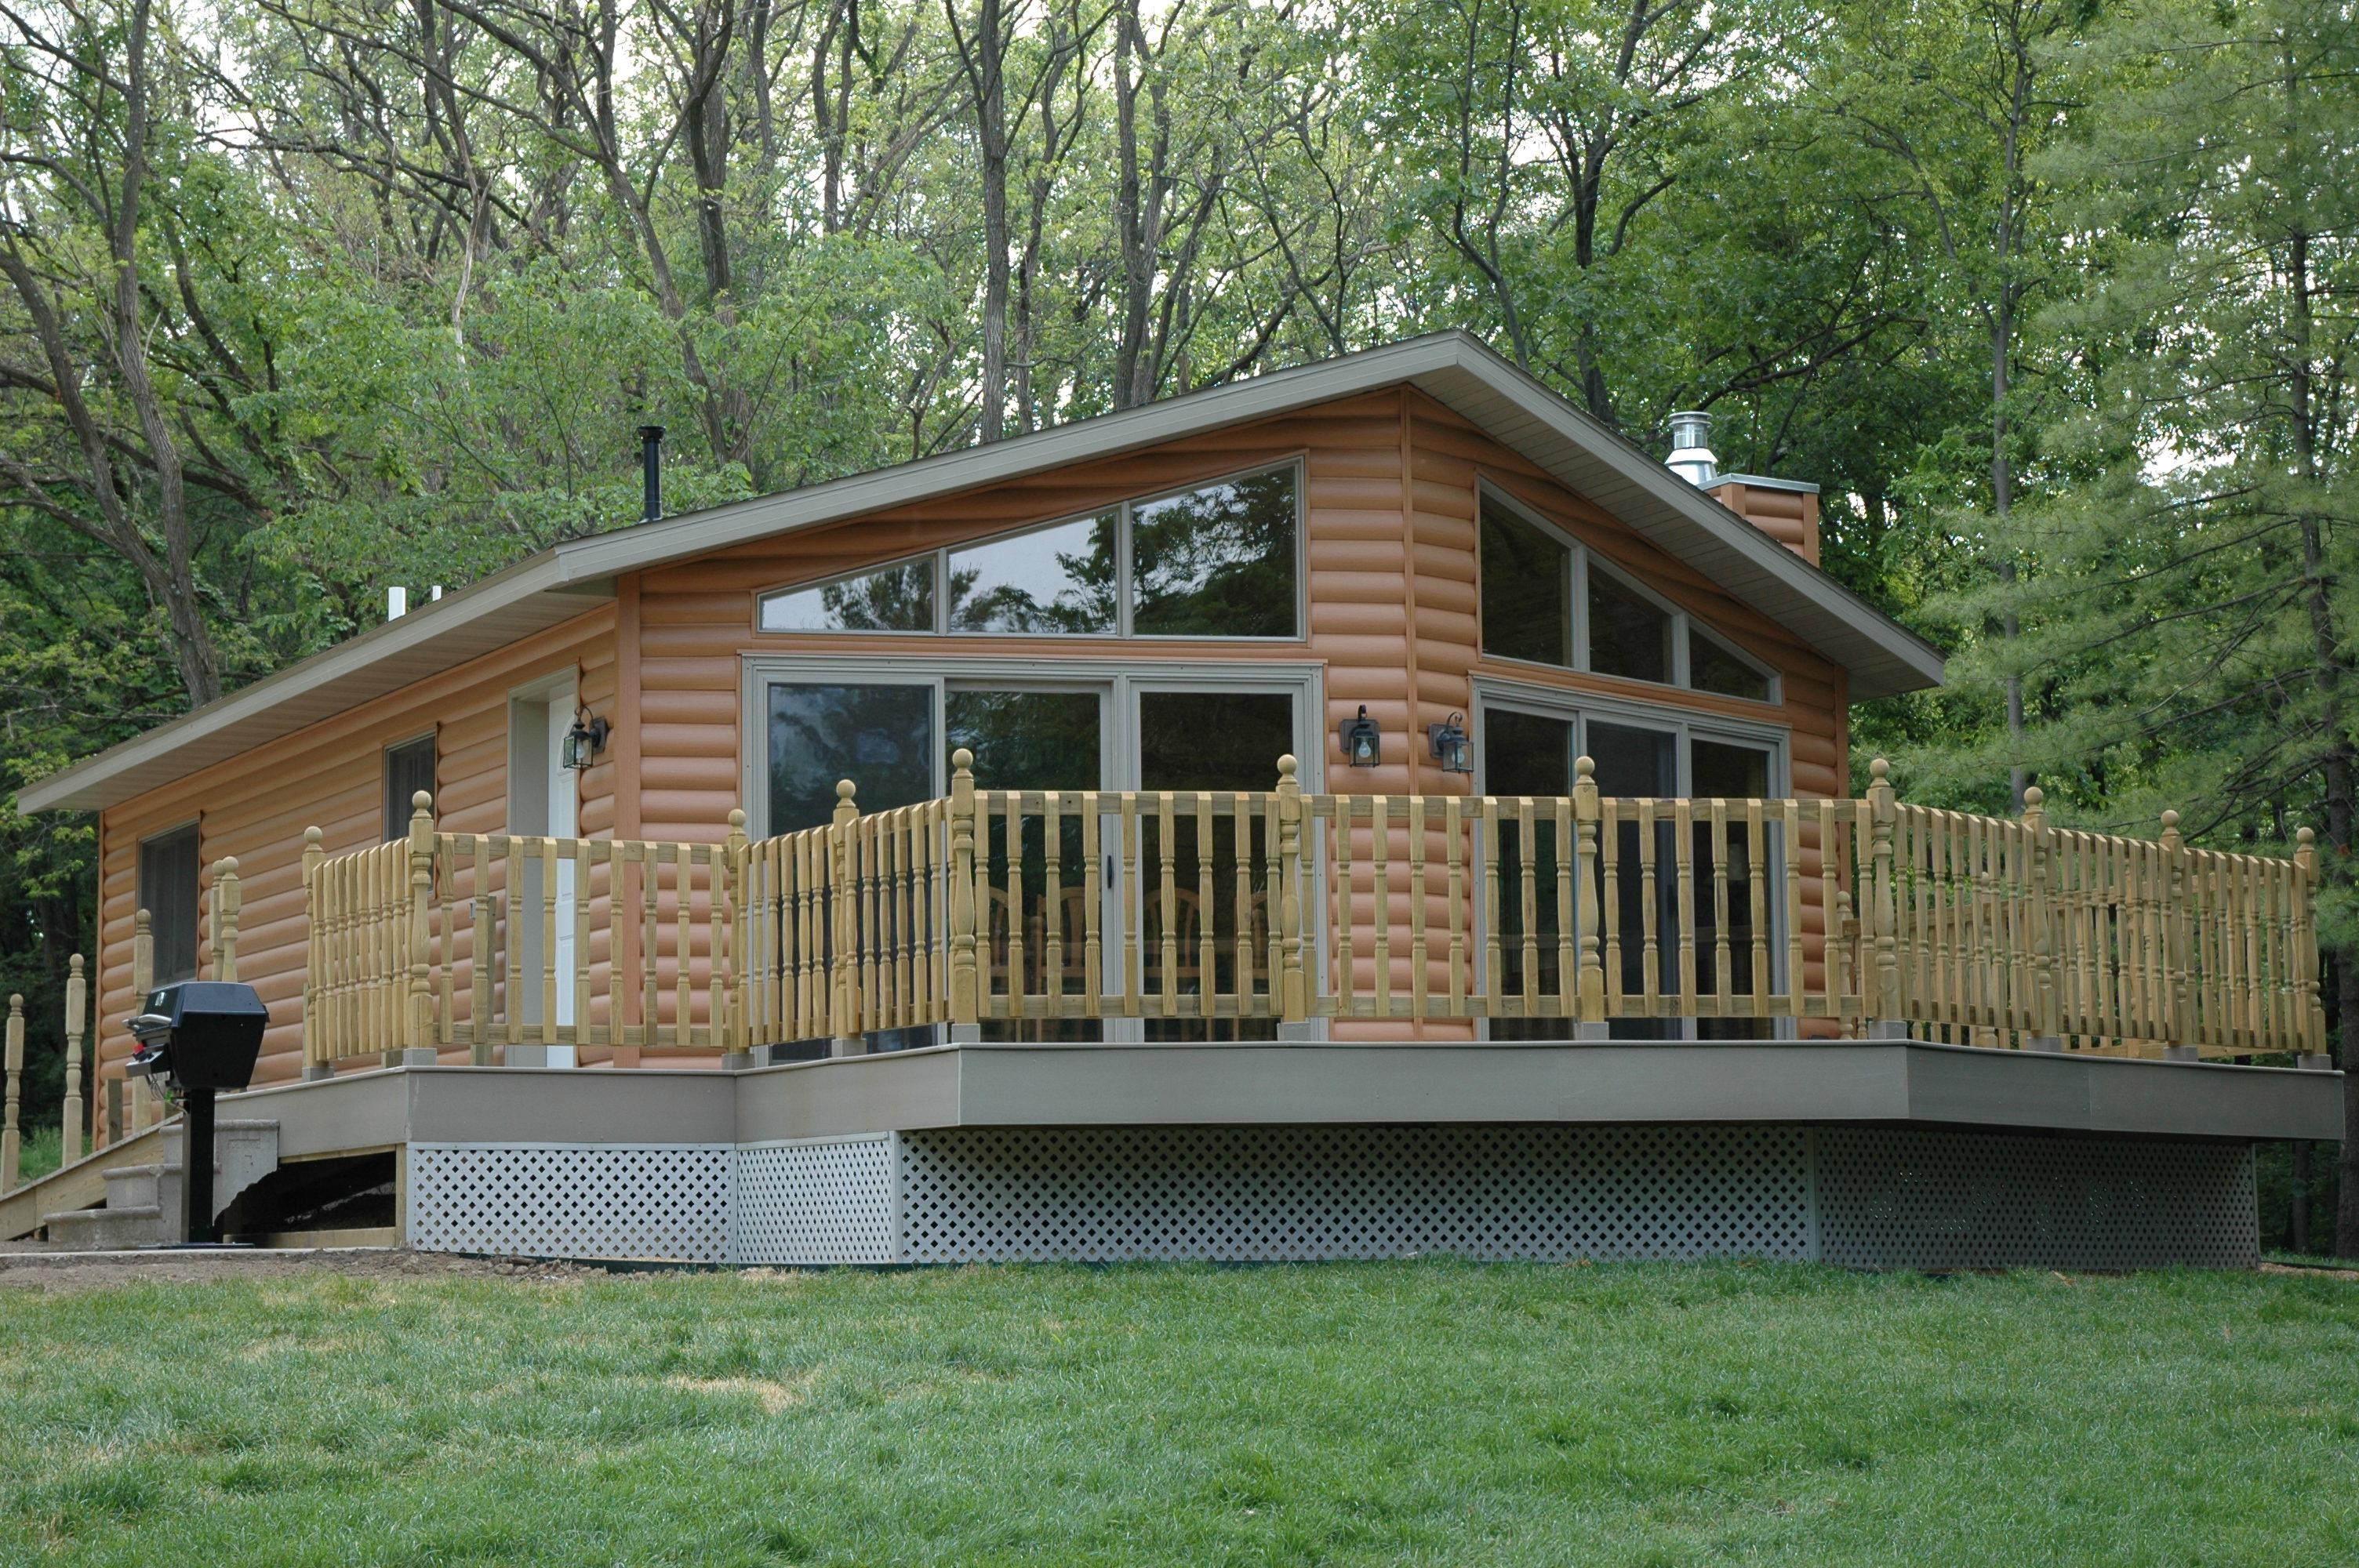 Pine Grove Cabins Scott County Iowa